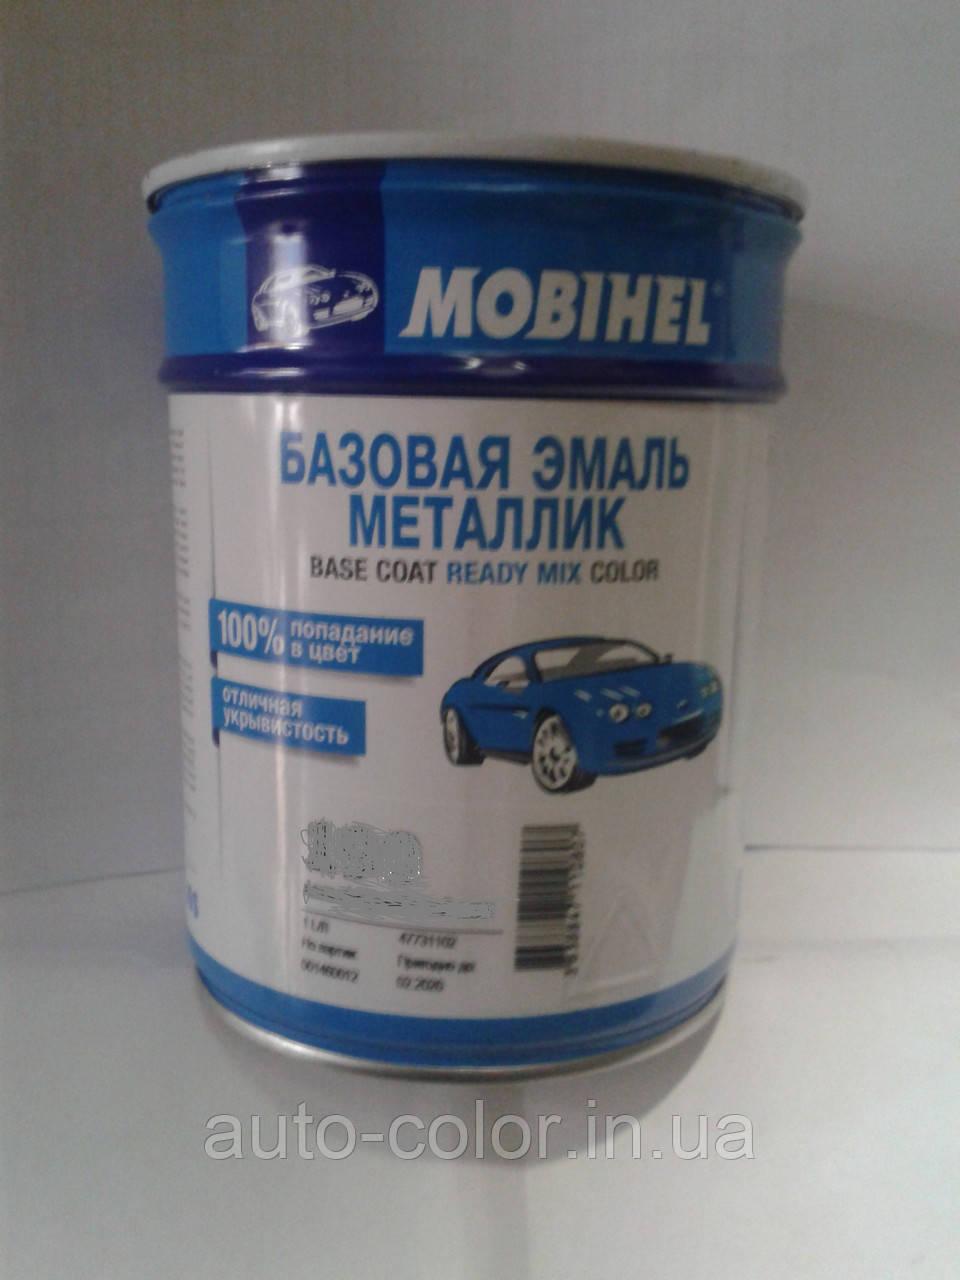 Автоемаль базова металік Mobihel 03049 Зелена 1л